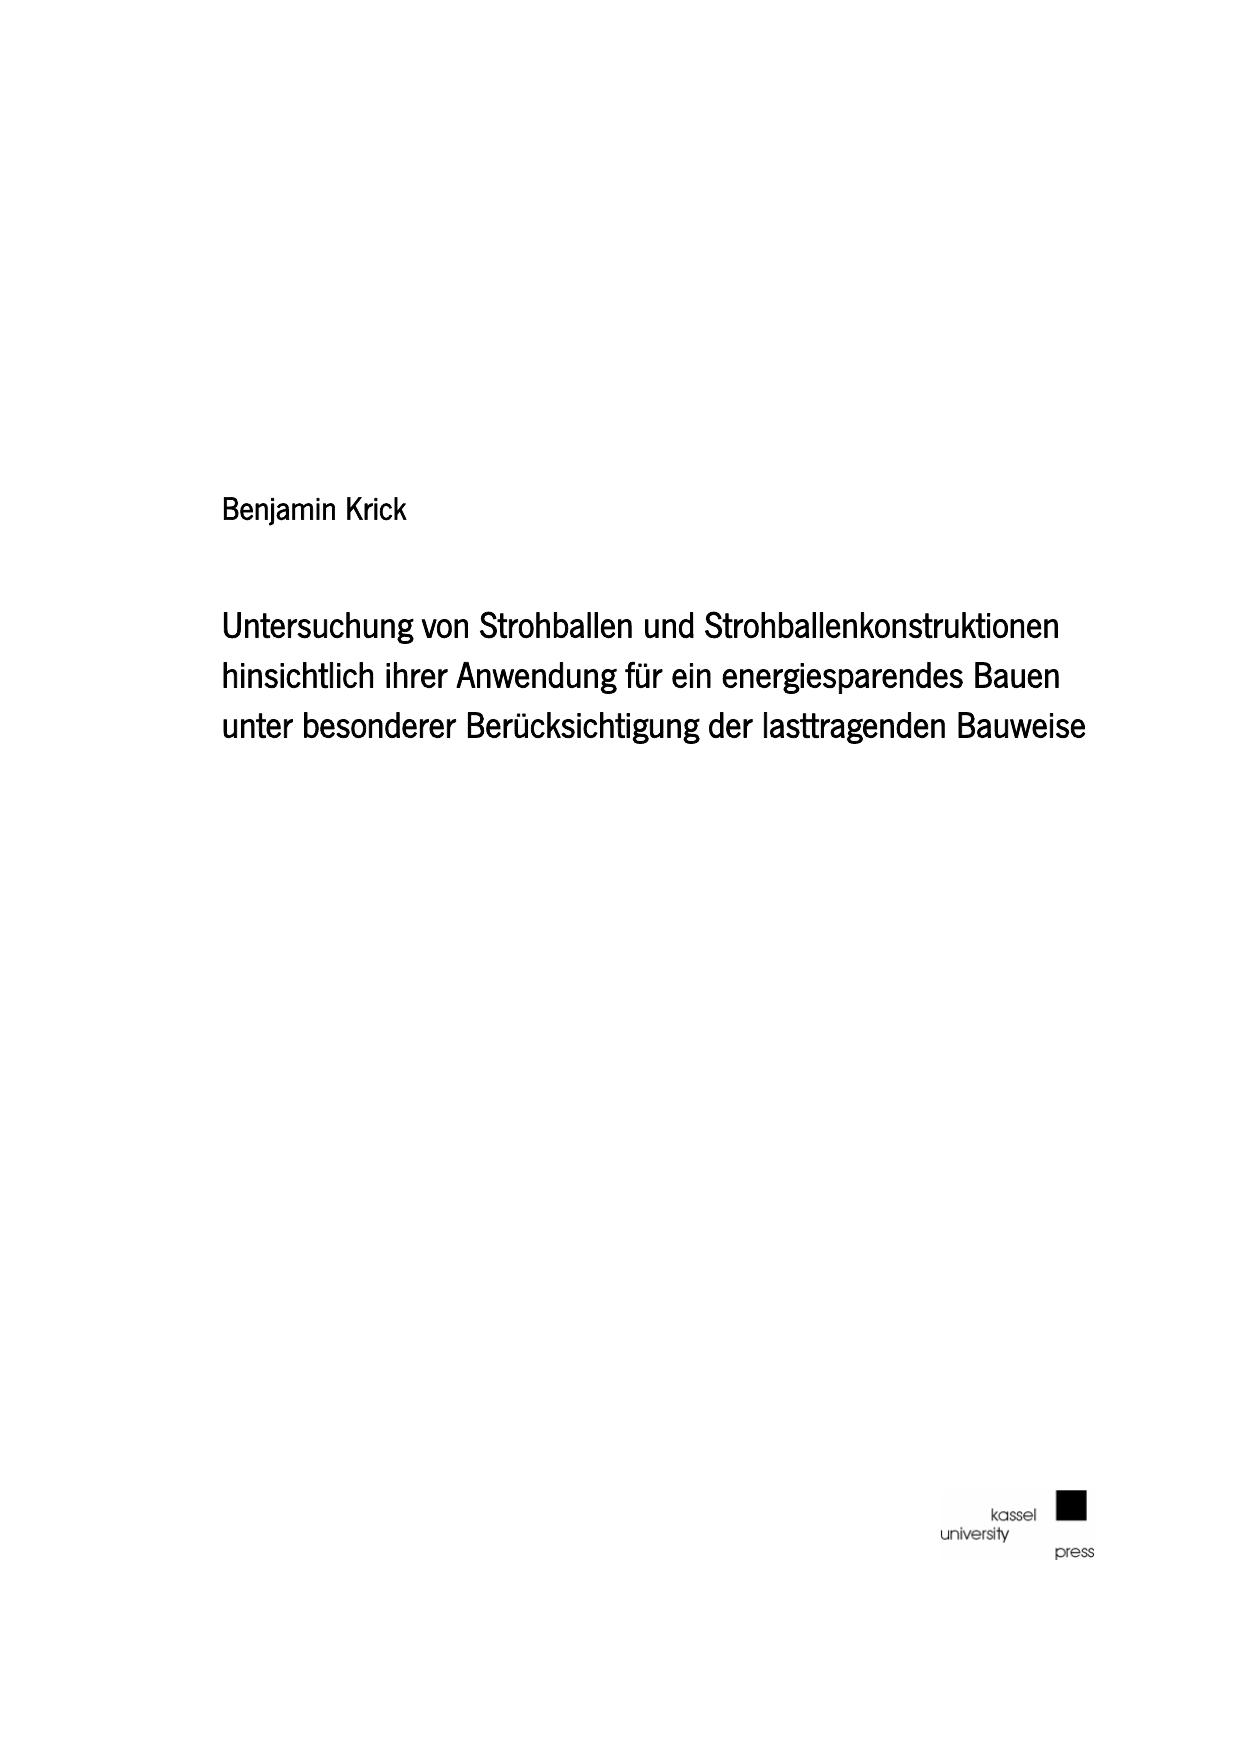 Untersuchung von Strohballen und | manualzz.com